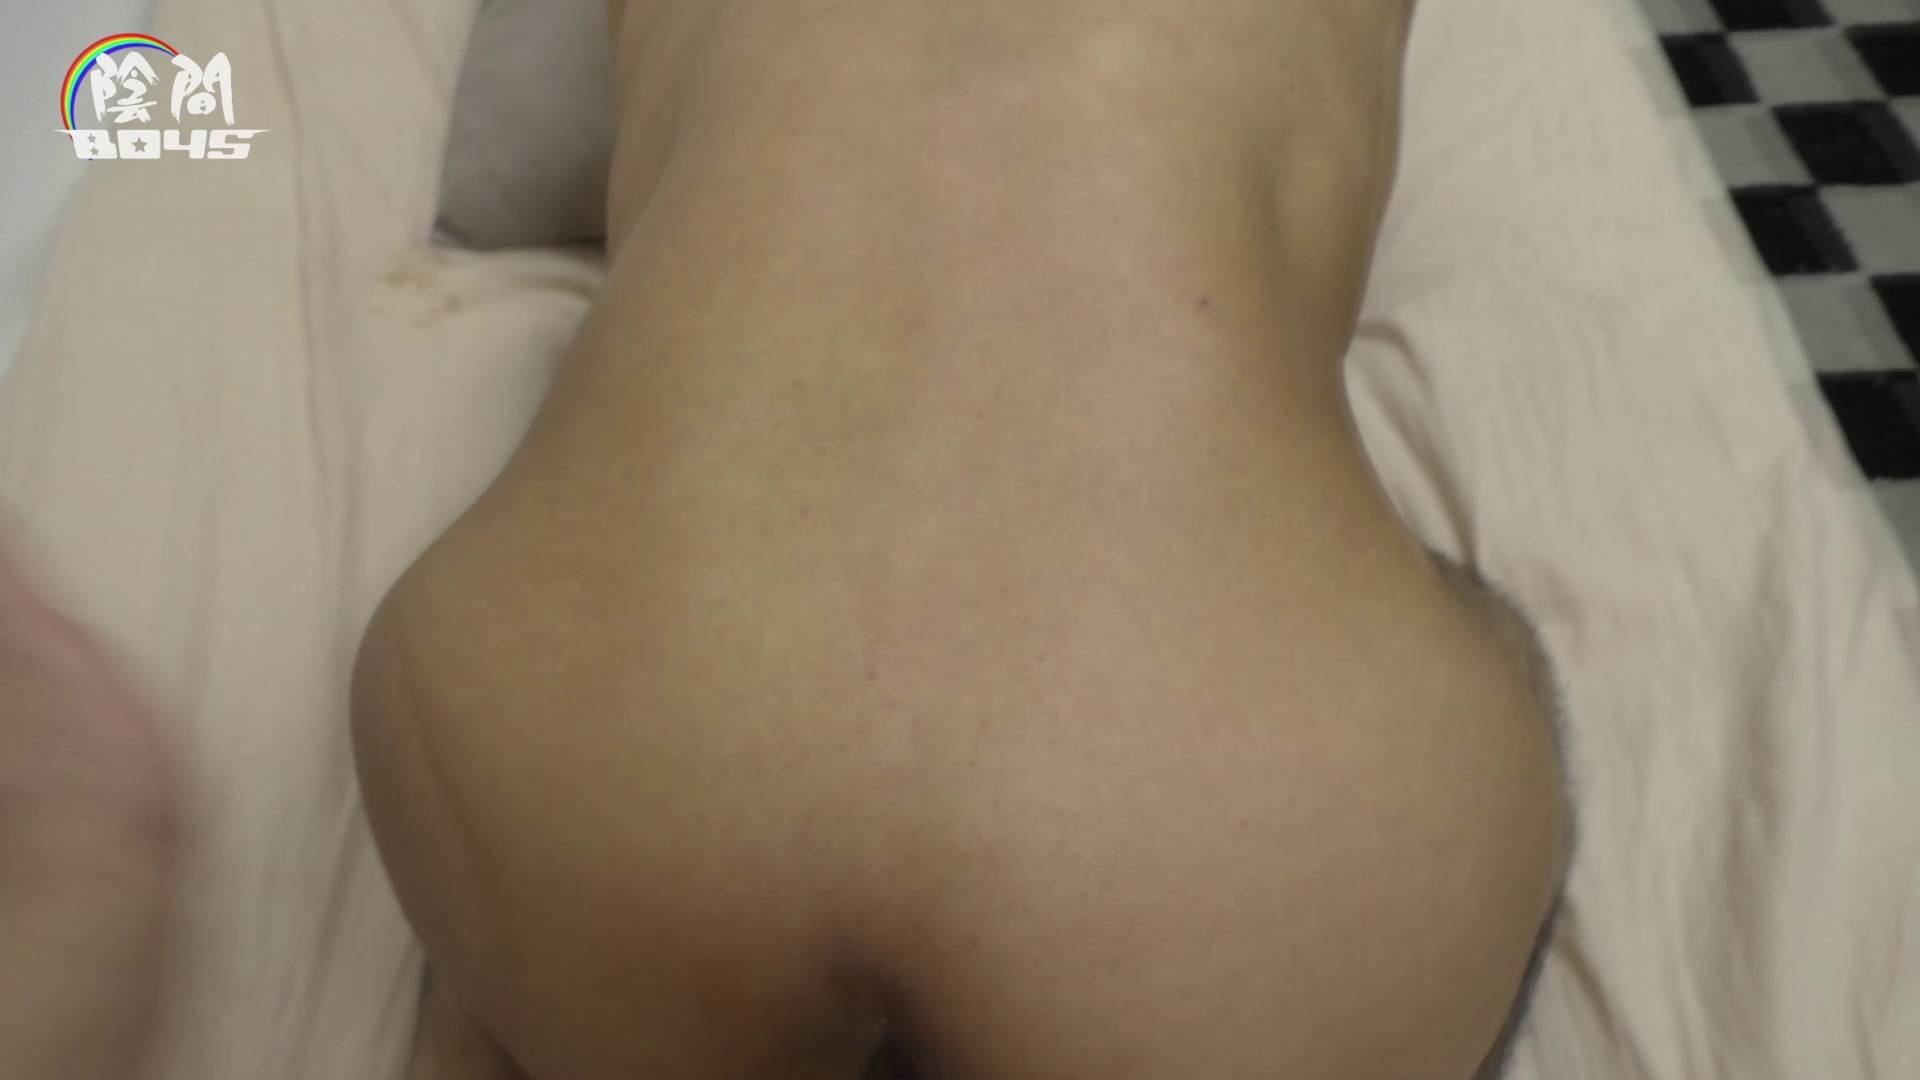 アナルは決して眠らない No.07 ハメ撮り動画 ゲイヌード画像 86pic 9